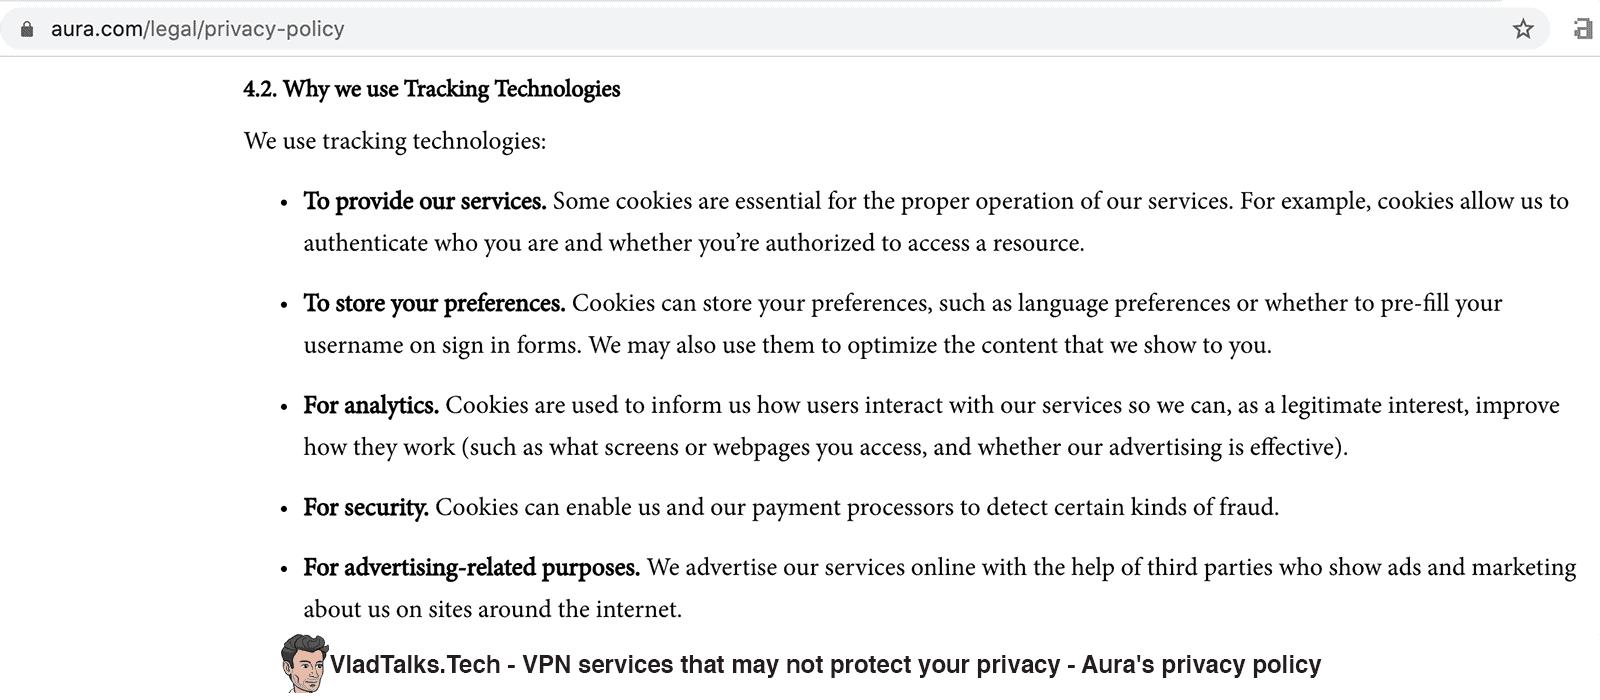 VPN Privacy - Aura's privacy policy